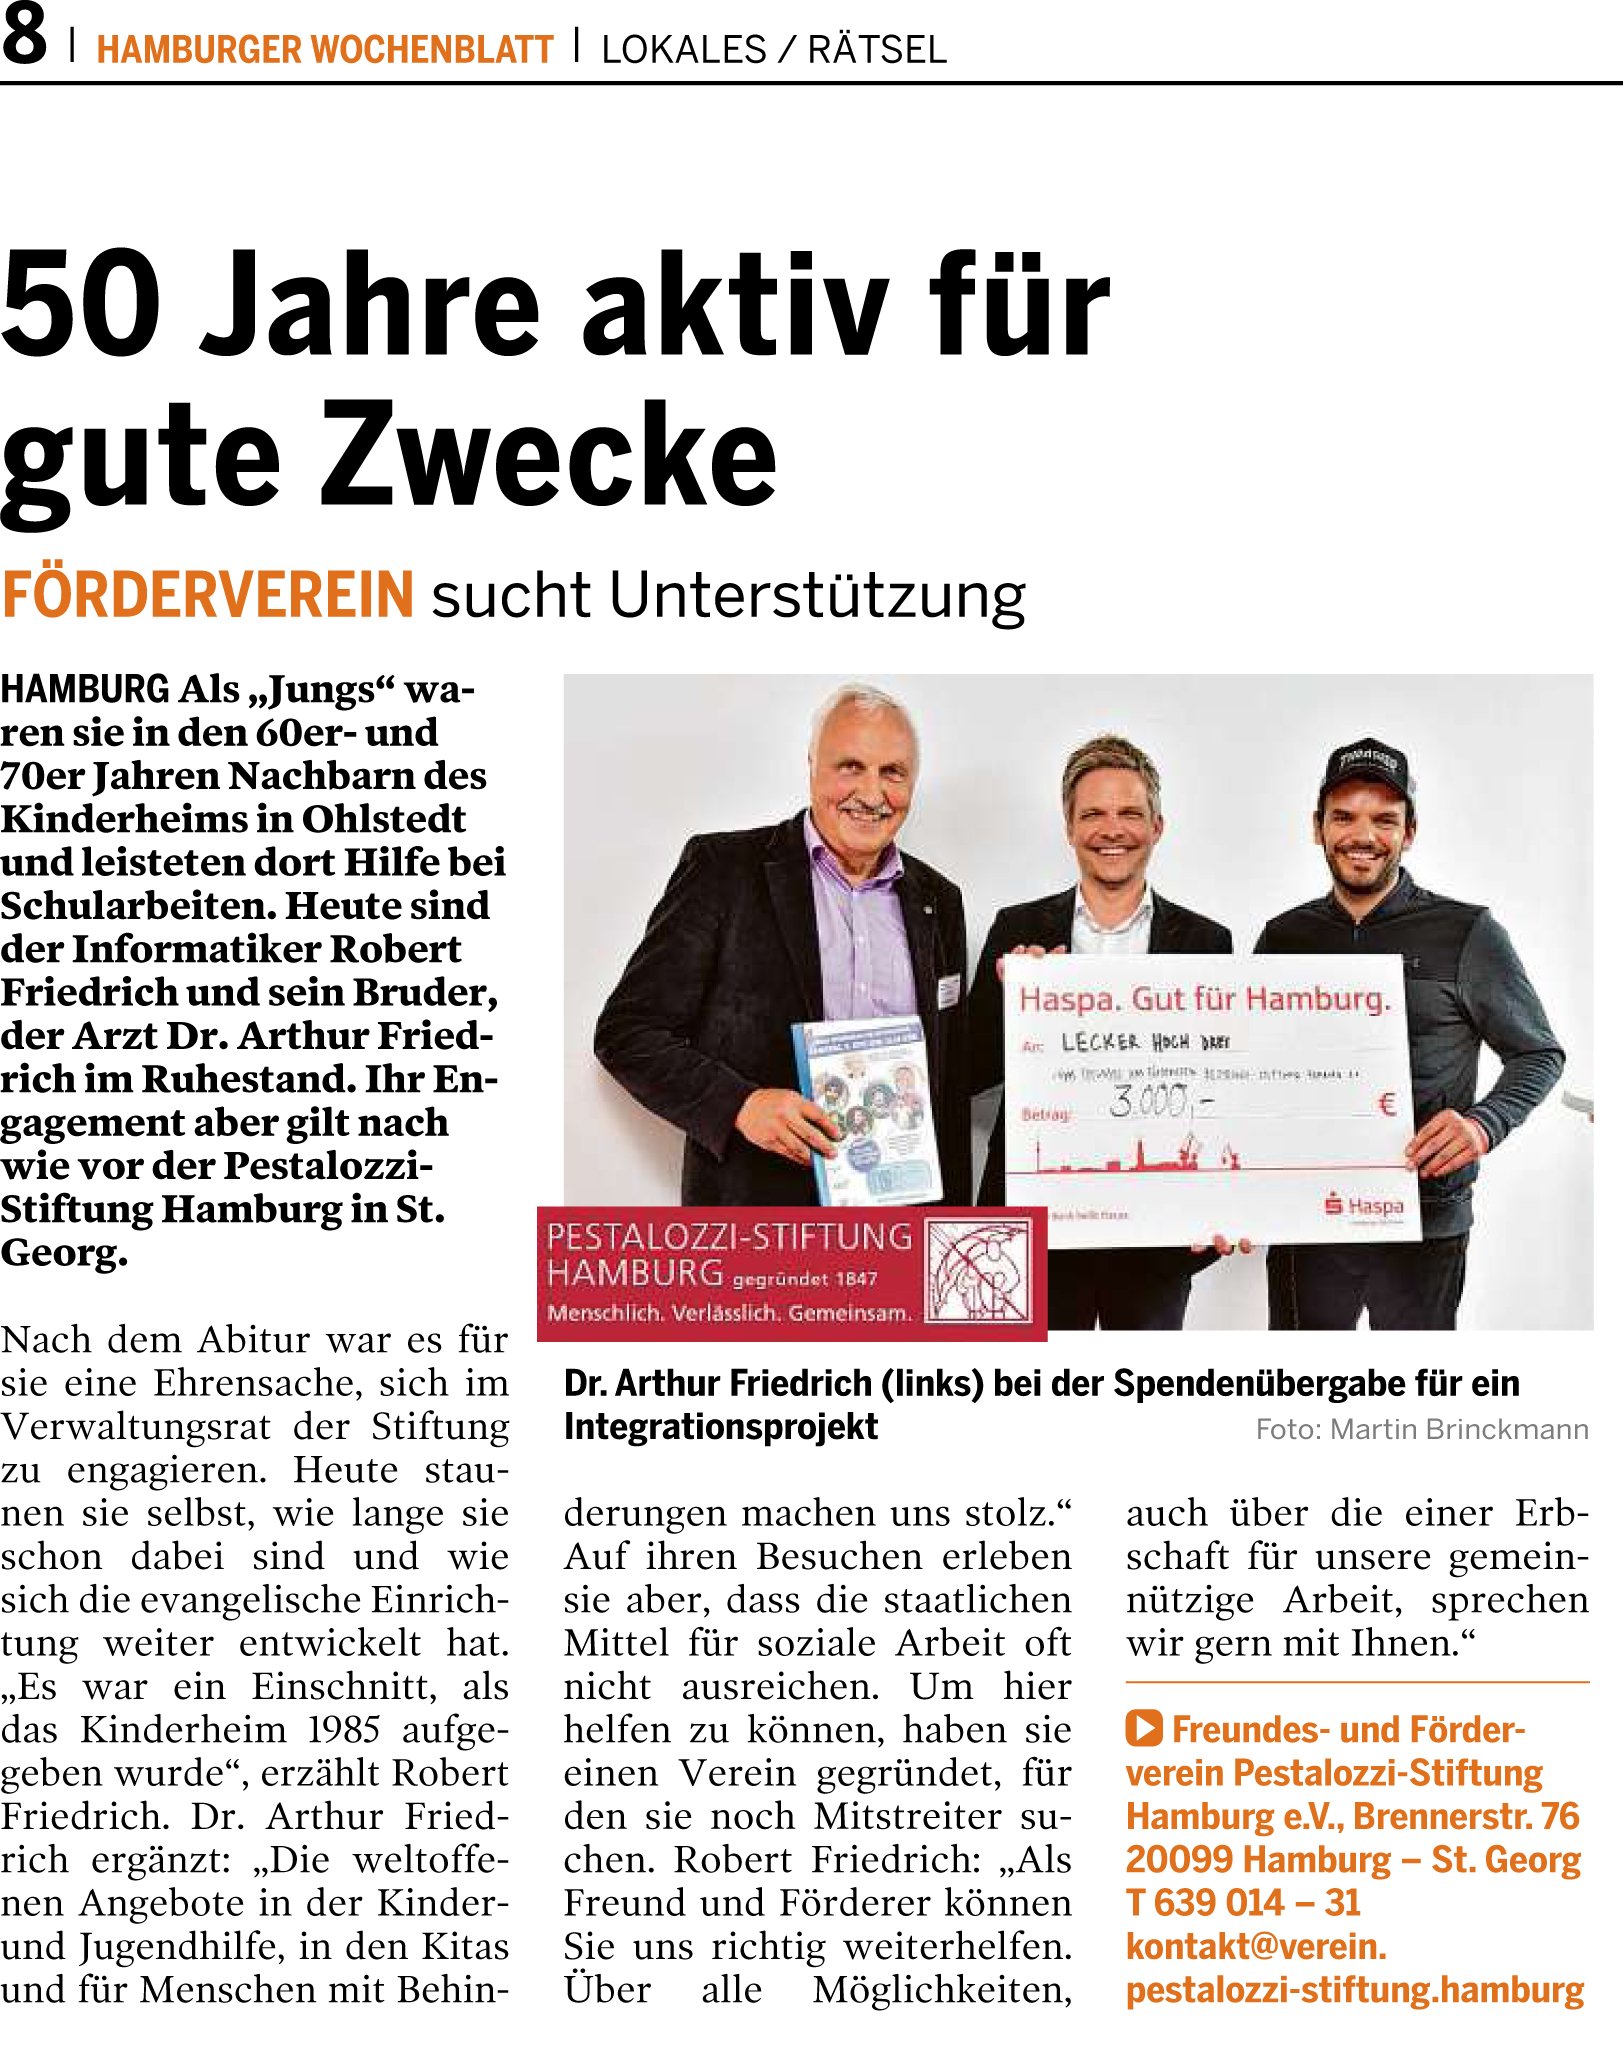 Quelle: https://www.hamburgerwochenblatt.de